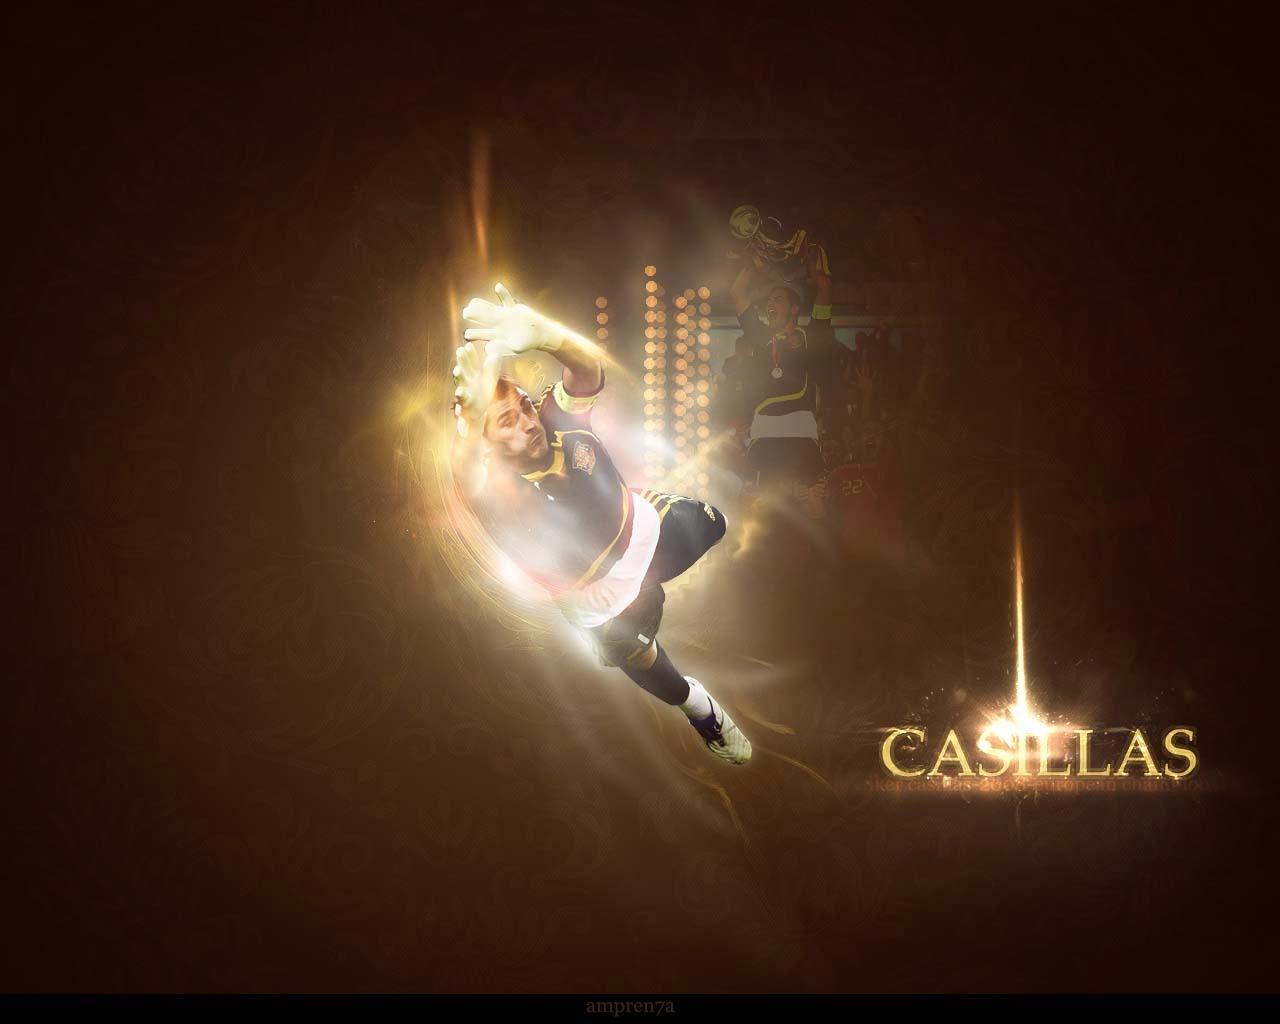 Iker Casillas Imágenes Invitaciones O Tarjetas Para